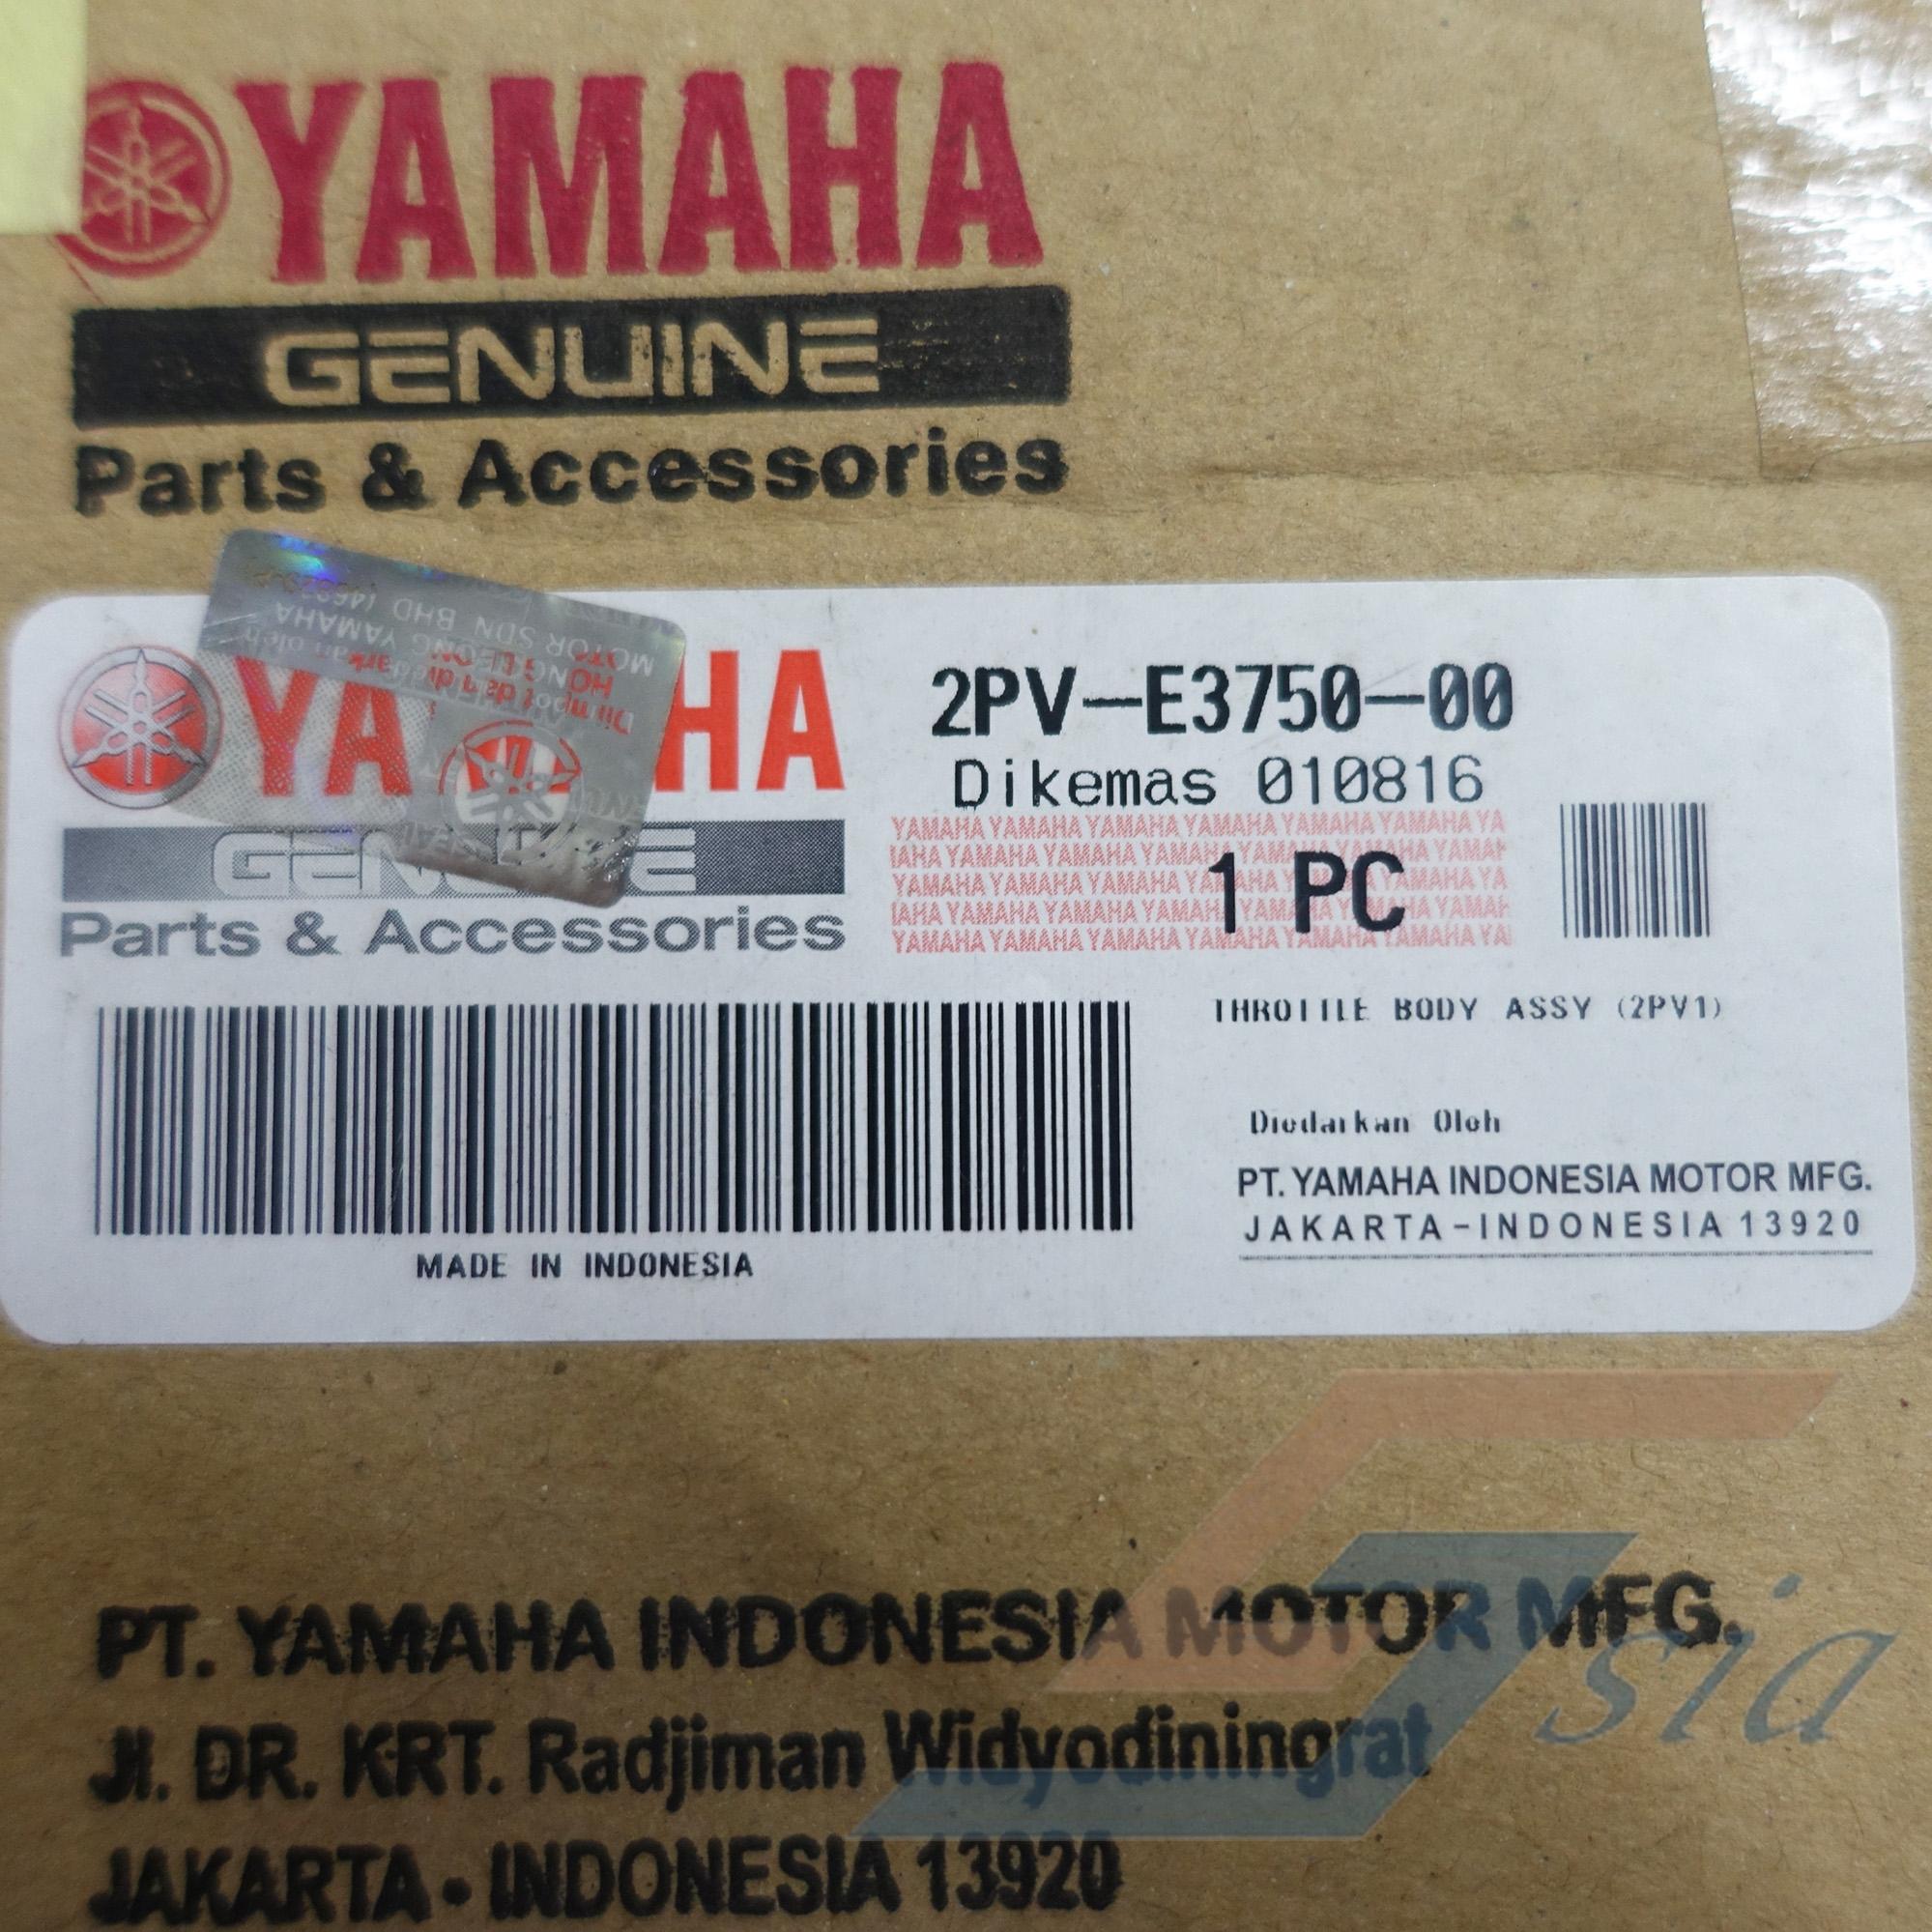 Yamaha Y15ZR Throttle Body Assy (Genuine)